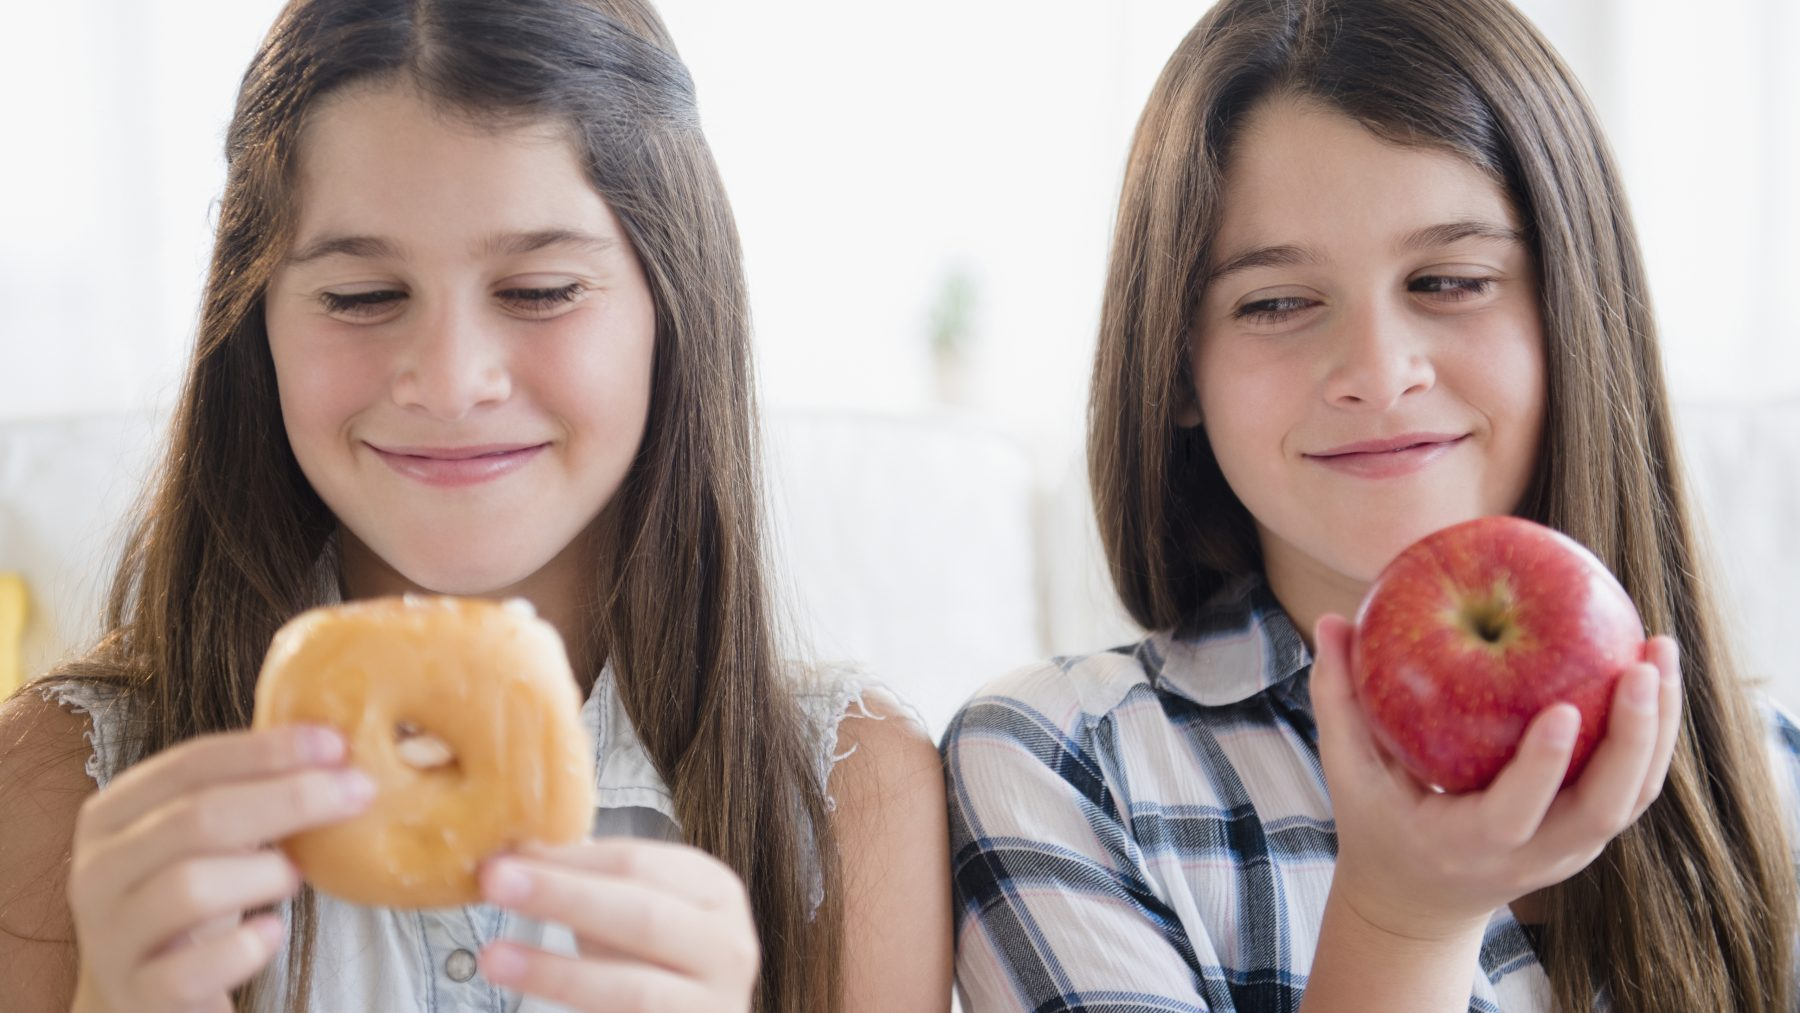 zelfs-tweelingen-reageren-anders-op-hetzelfde-eten